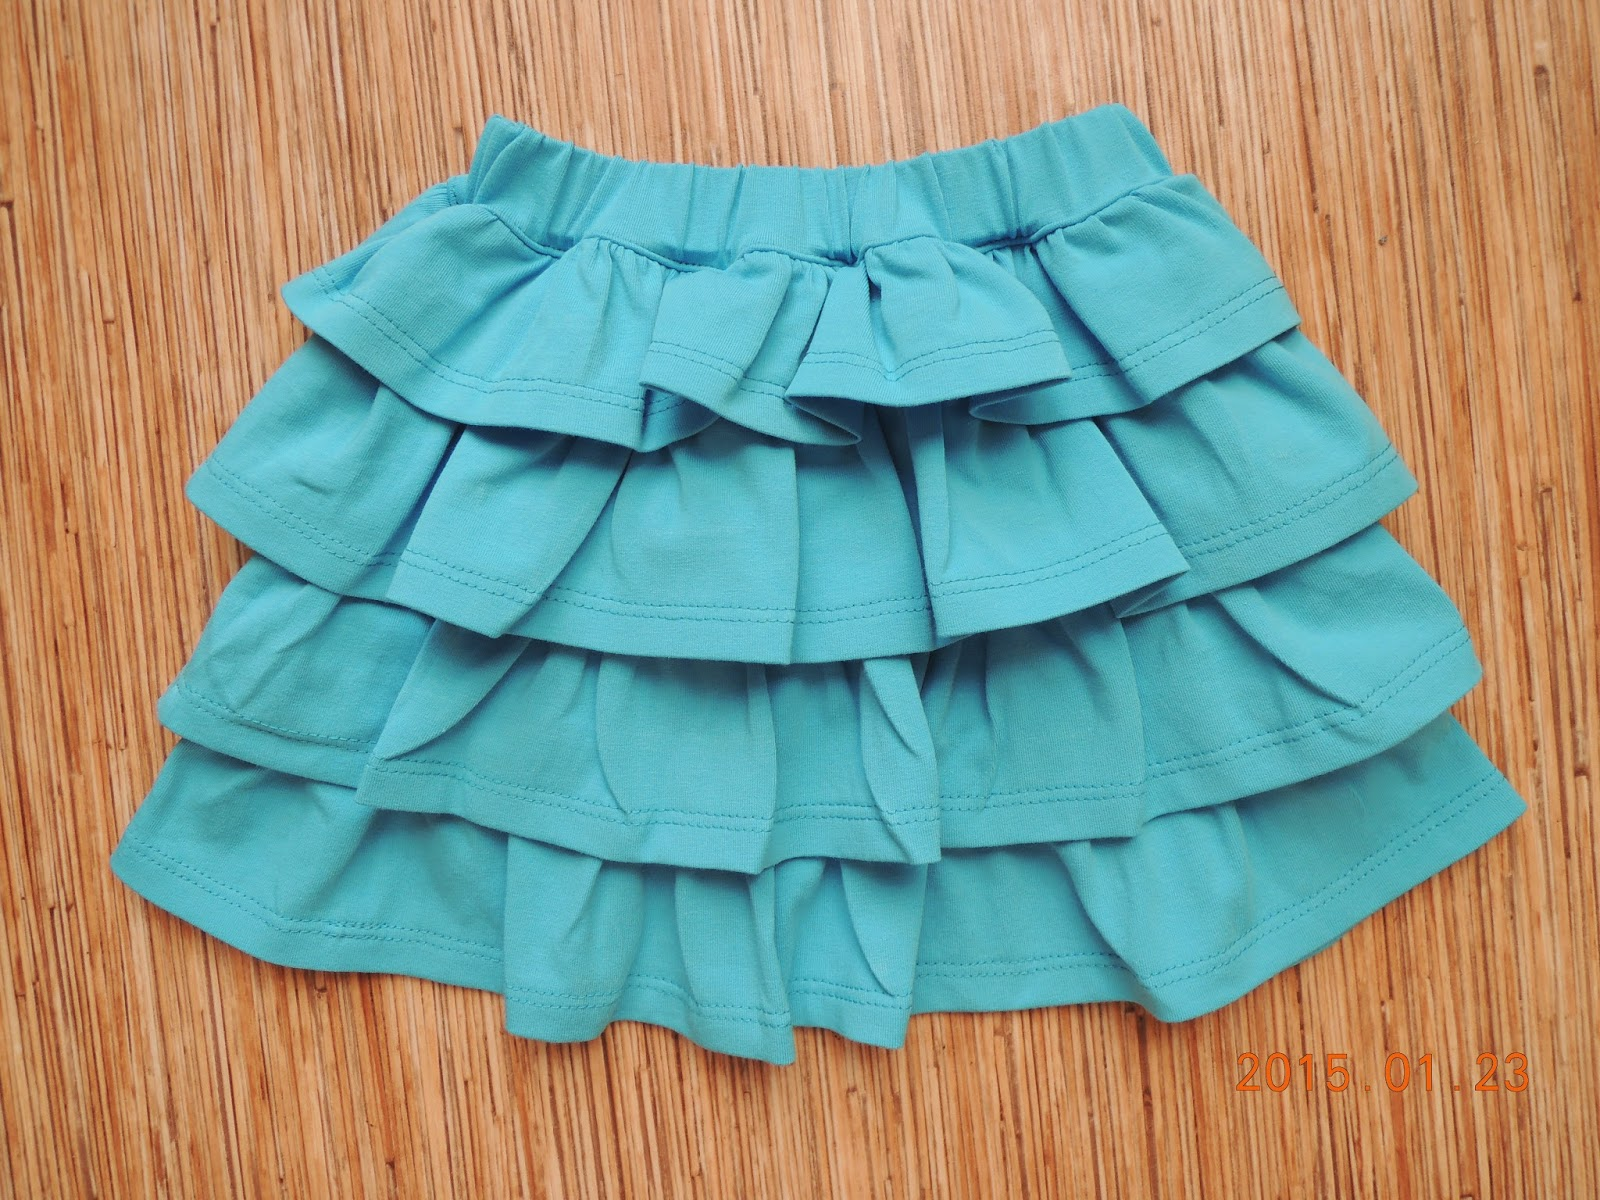 как делать валаны на юбки: